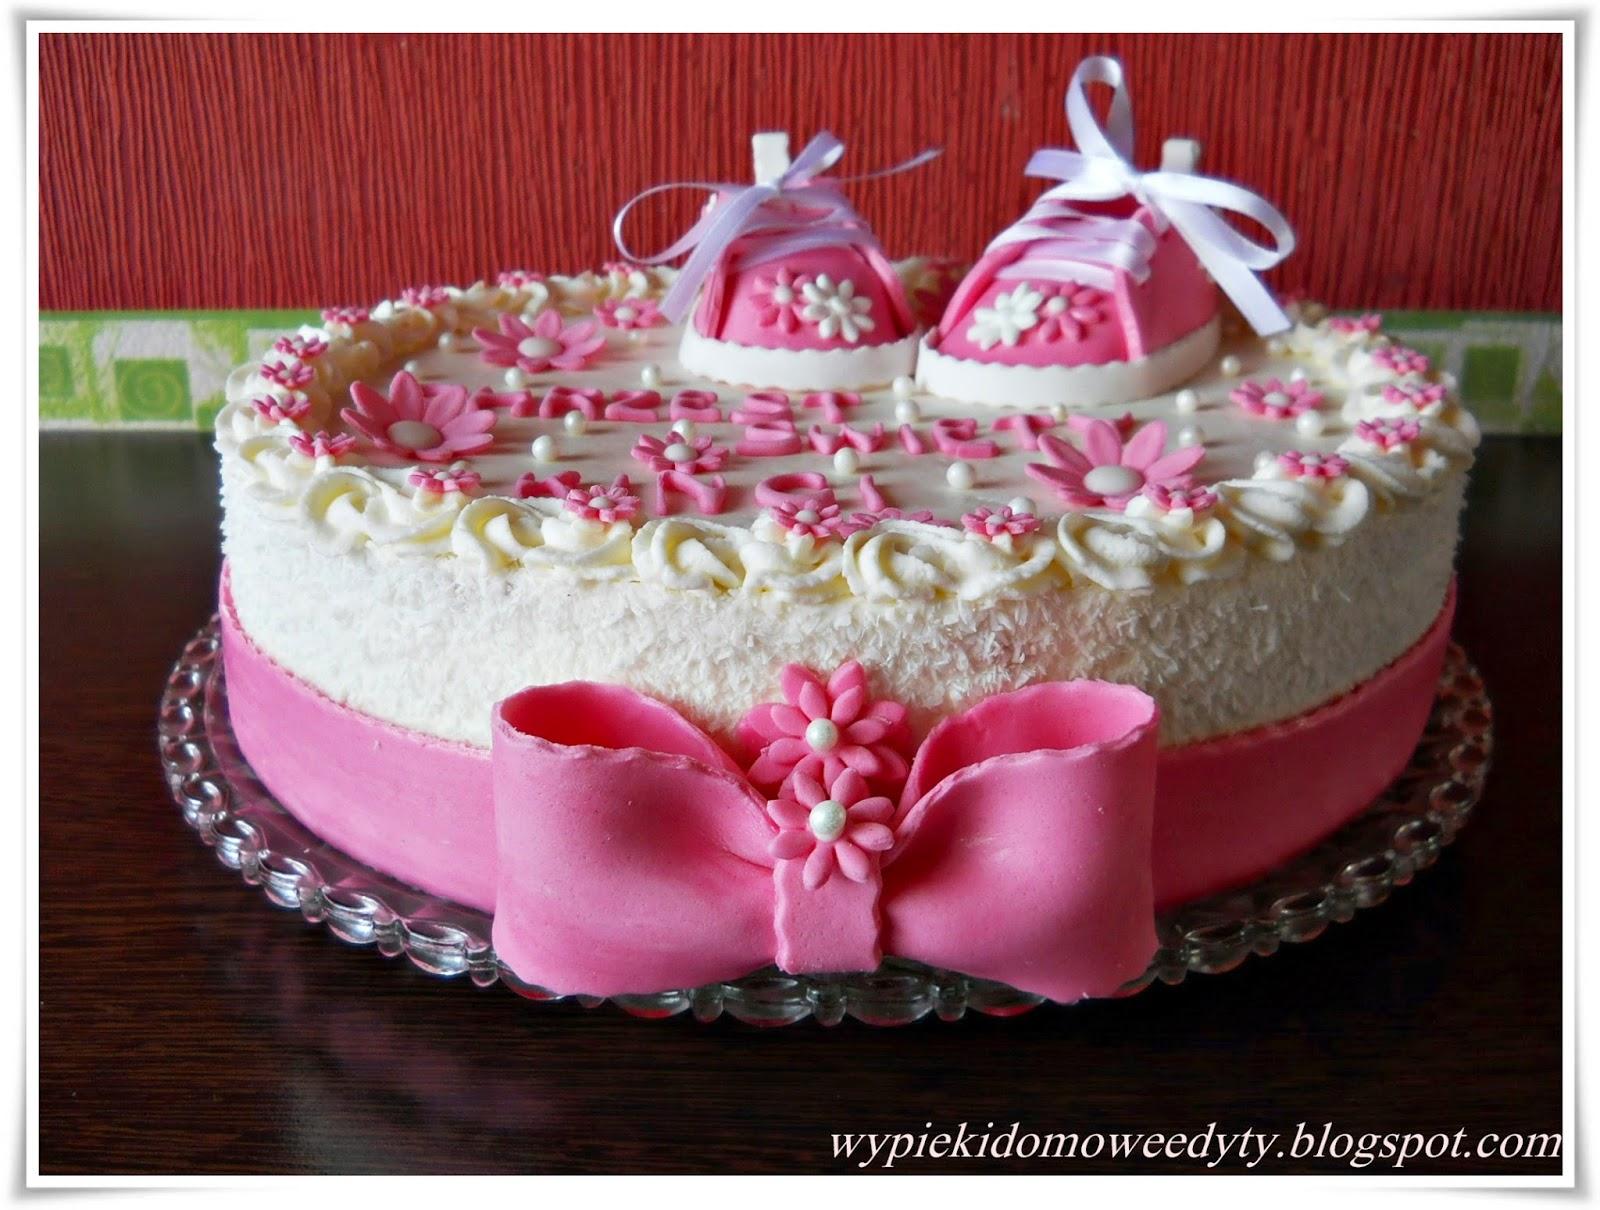 Moje Domowe Wypieki Tort Z Okazji Chrztu św Dla Dziewczynki